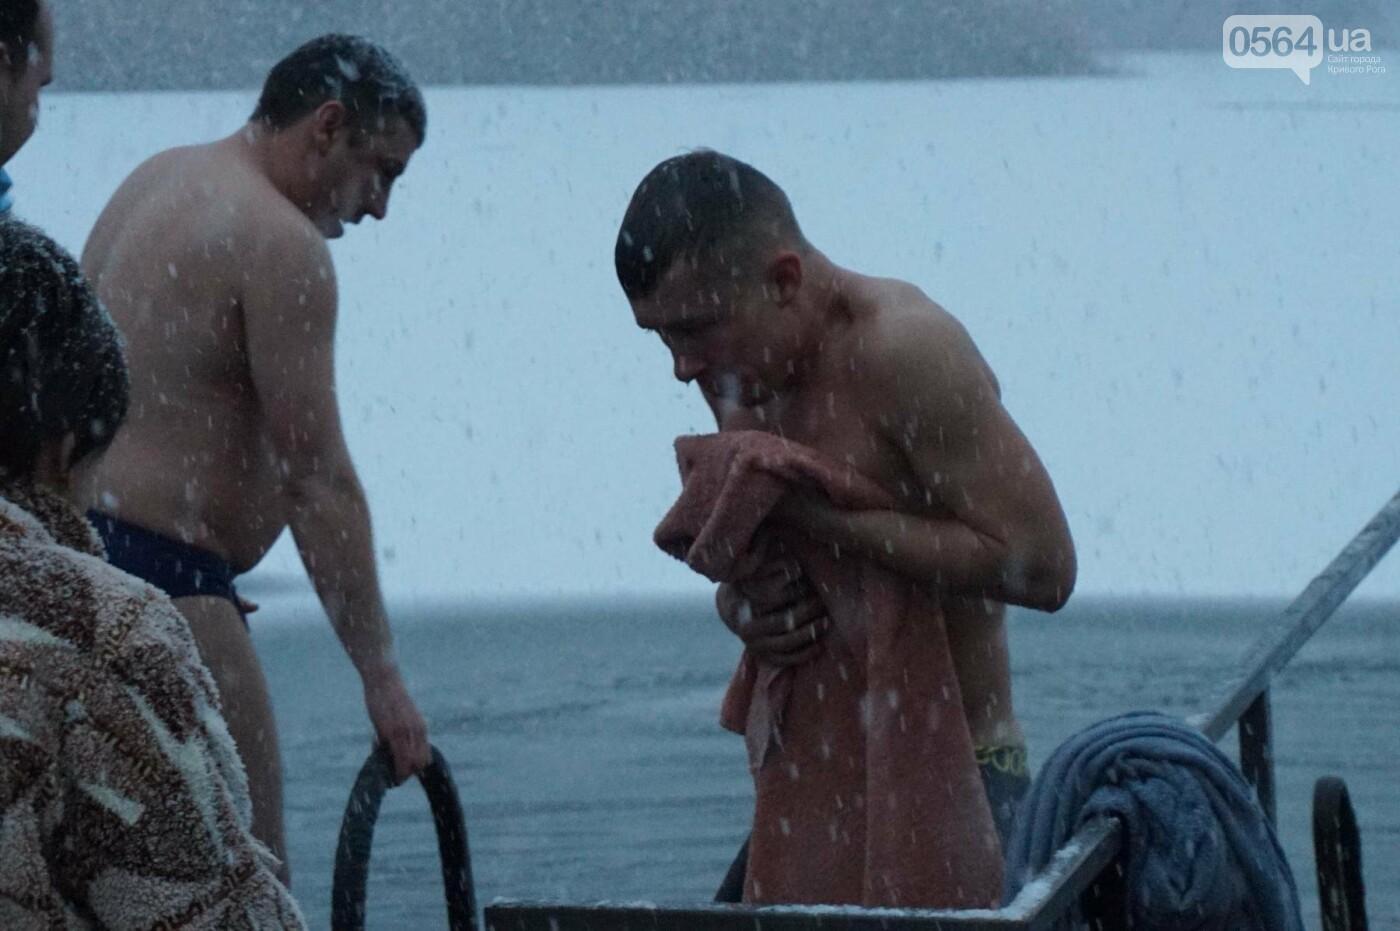 """""""Вода - просто огонь!"""": сотни криворожан окунулись в прорубь на Крещение  (ФОТО, ВИДЕО), фото-2"""